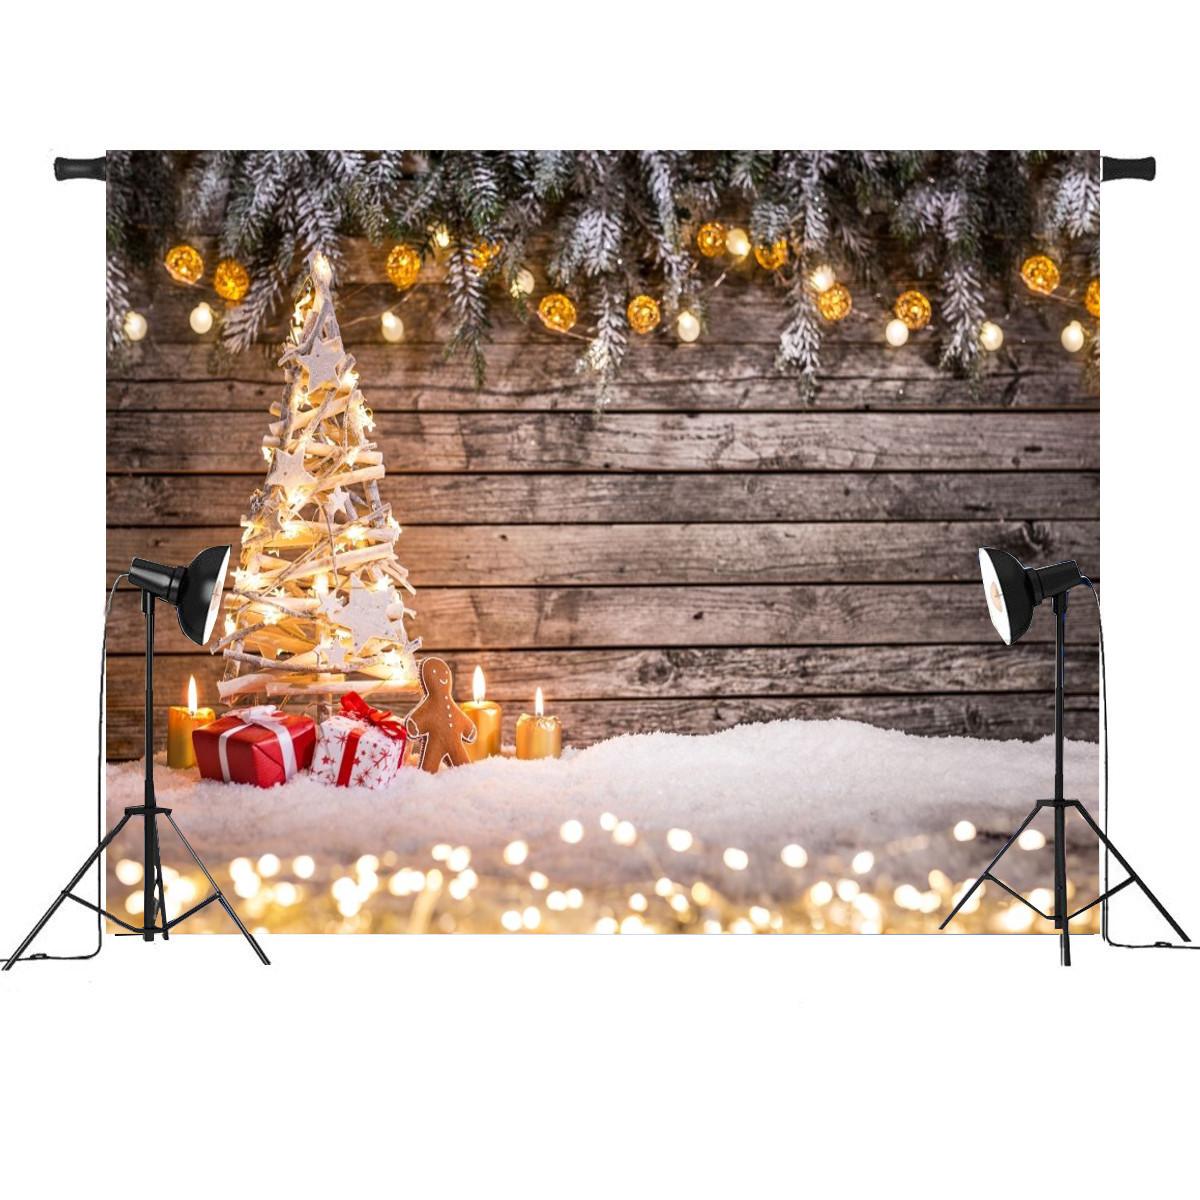 7x5FT Романтическая рождественская елка Light Decor Фотосъемка Студия Prop Background - 1TopShop